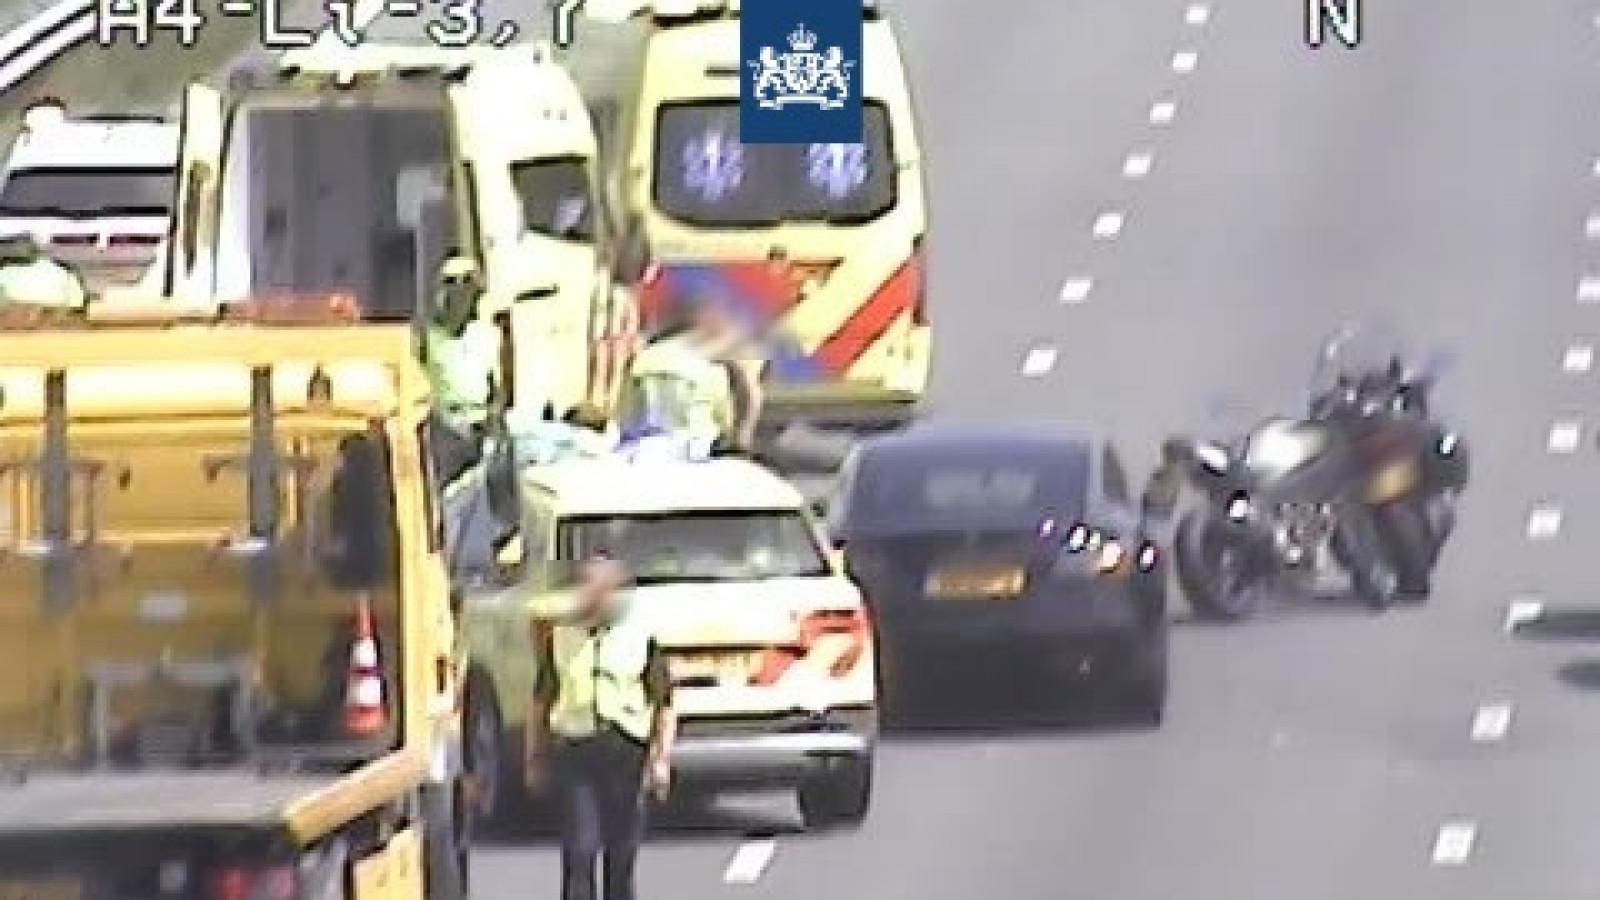 A4 richting Amsterdam dicht door ongeluk met motorrijder.